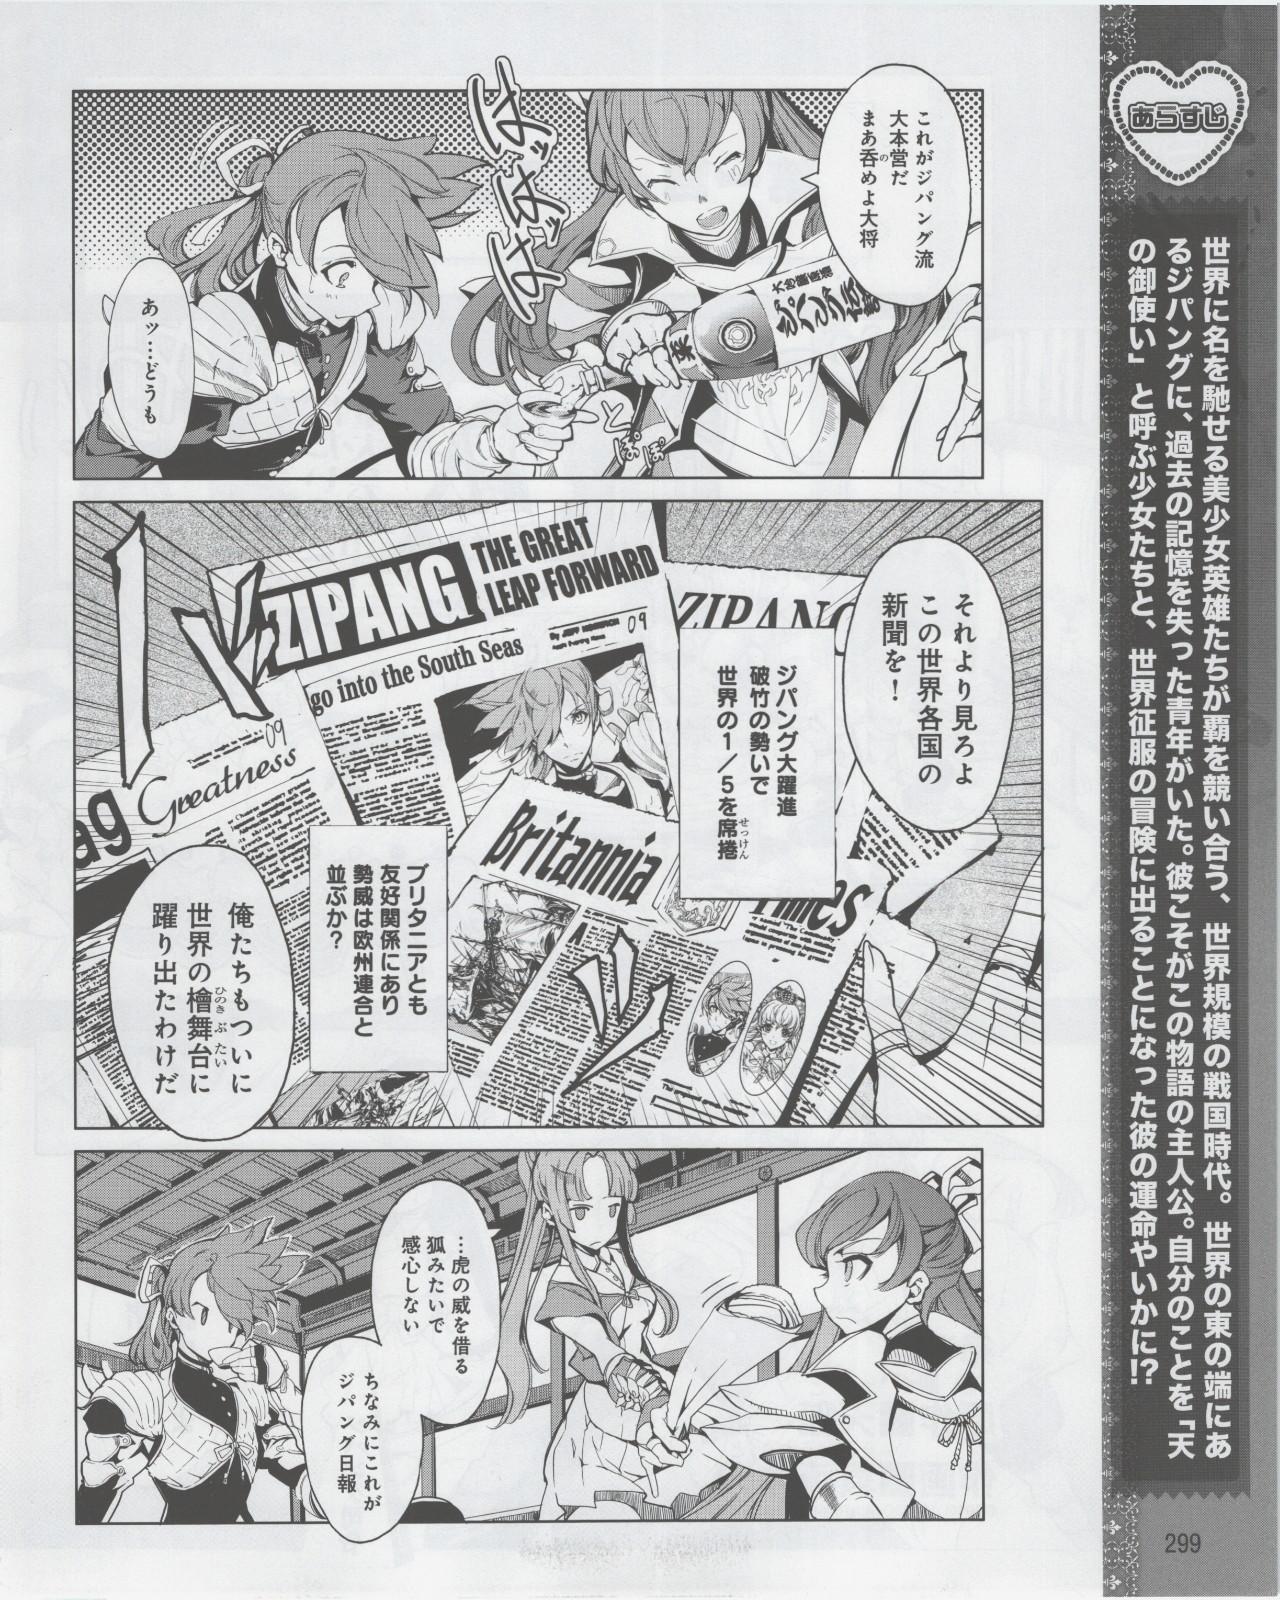 Eiyuu*Senki Vol.01 Ch.05 & Vol.02 Ch.07 26